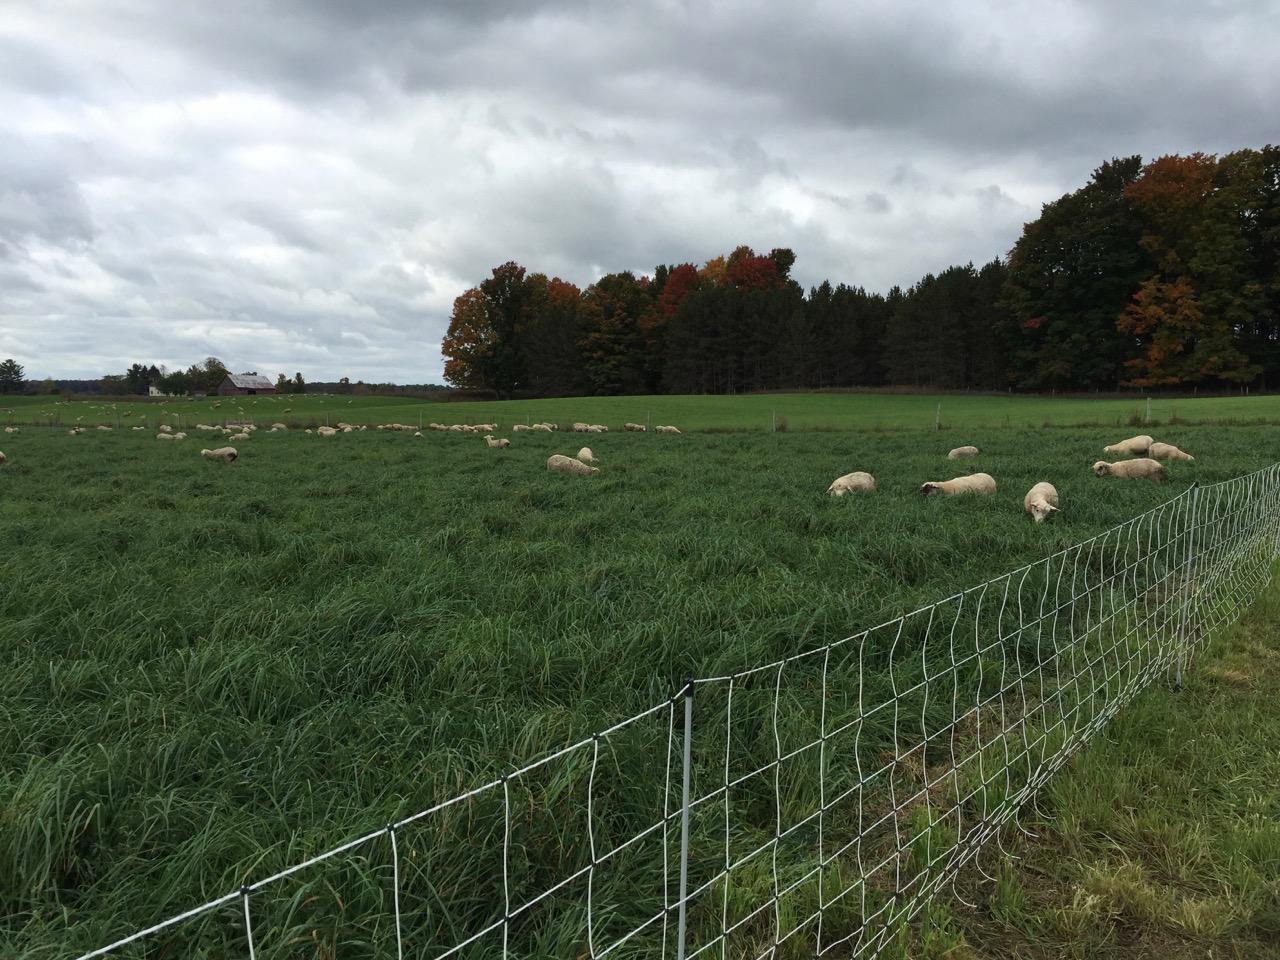 Sheep net fence